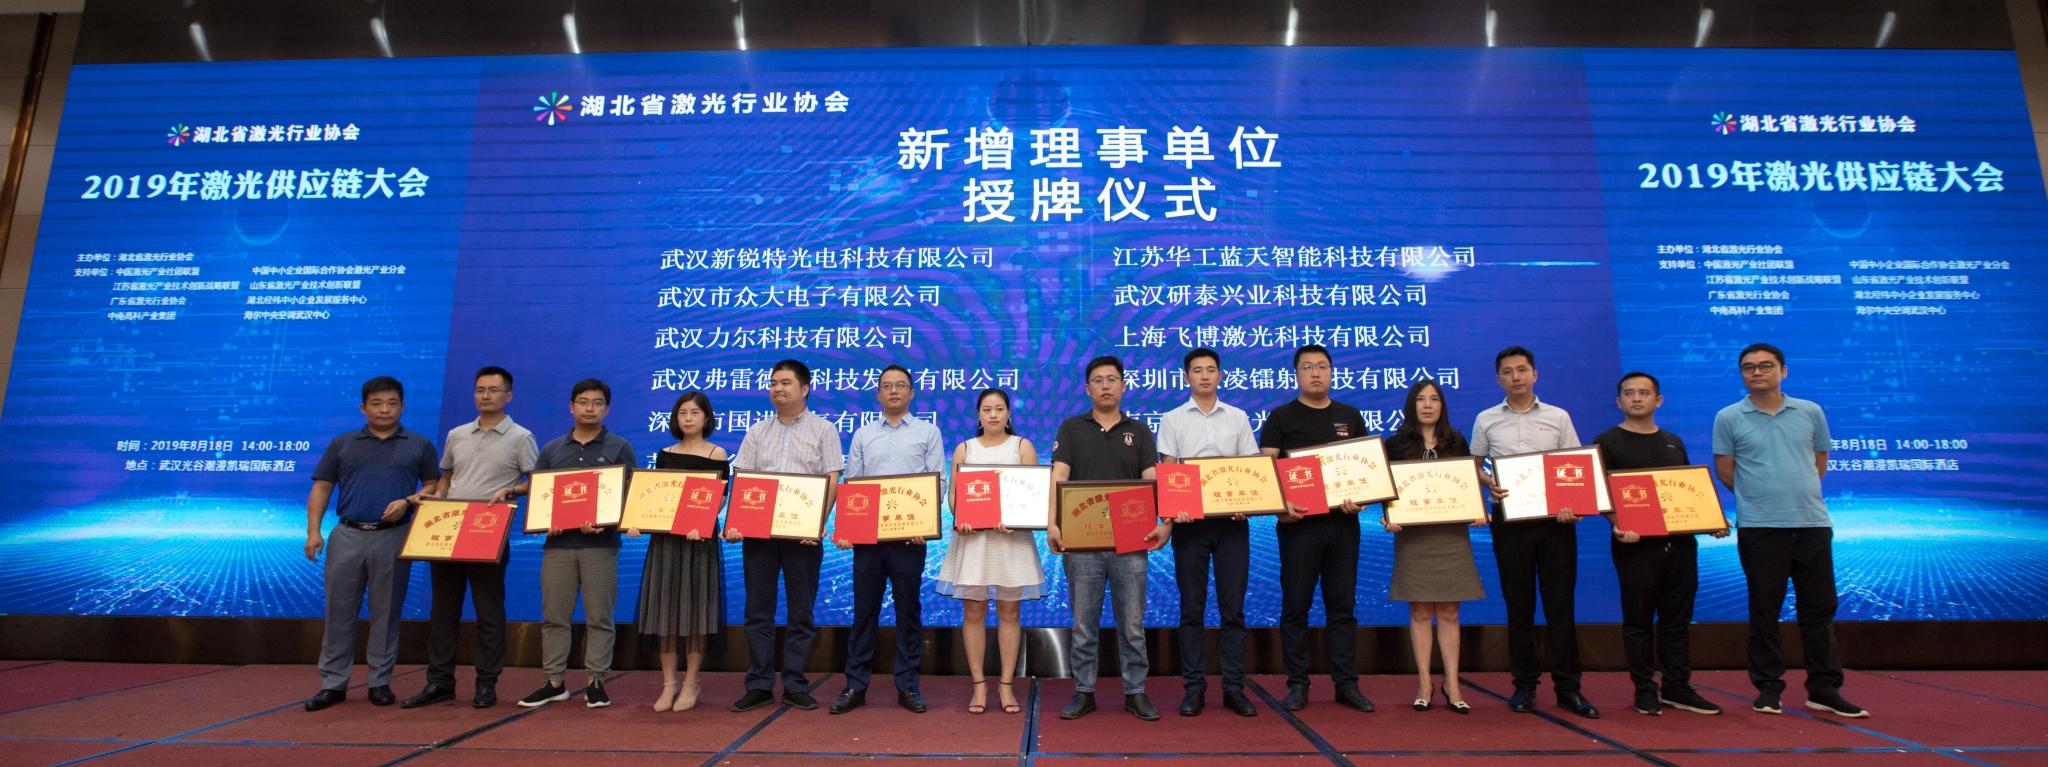 2019激光供应链大会新闻照片-理事